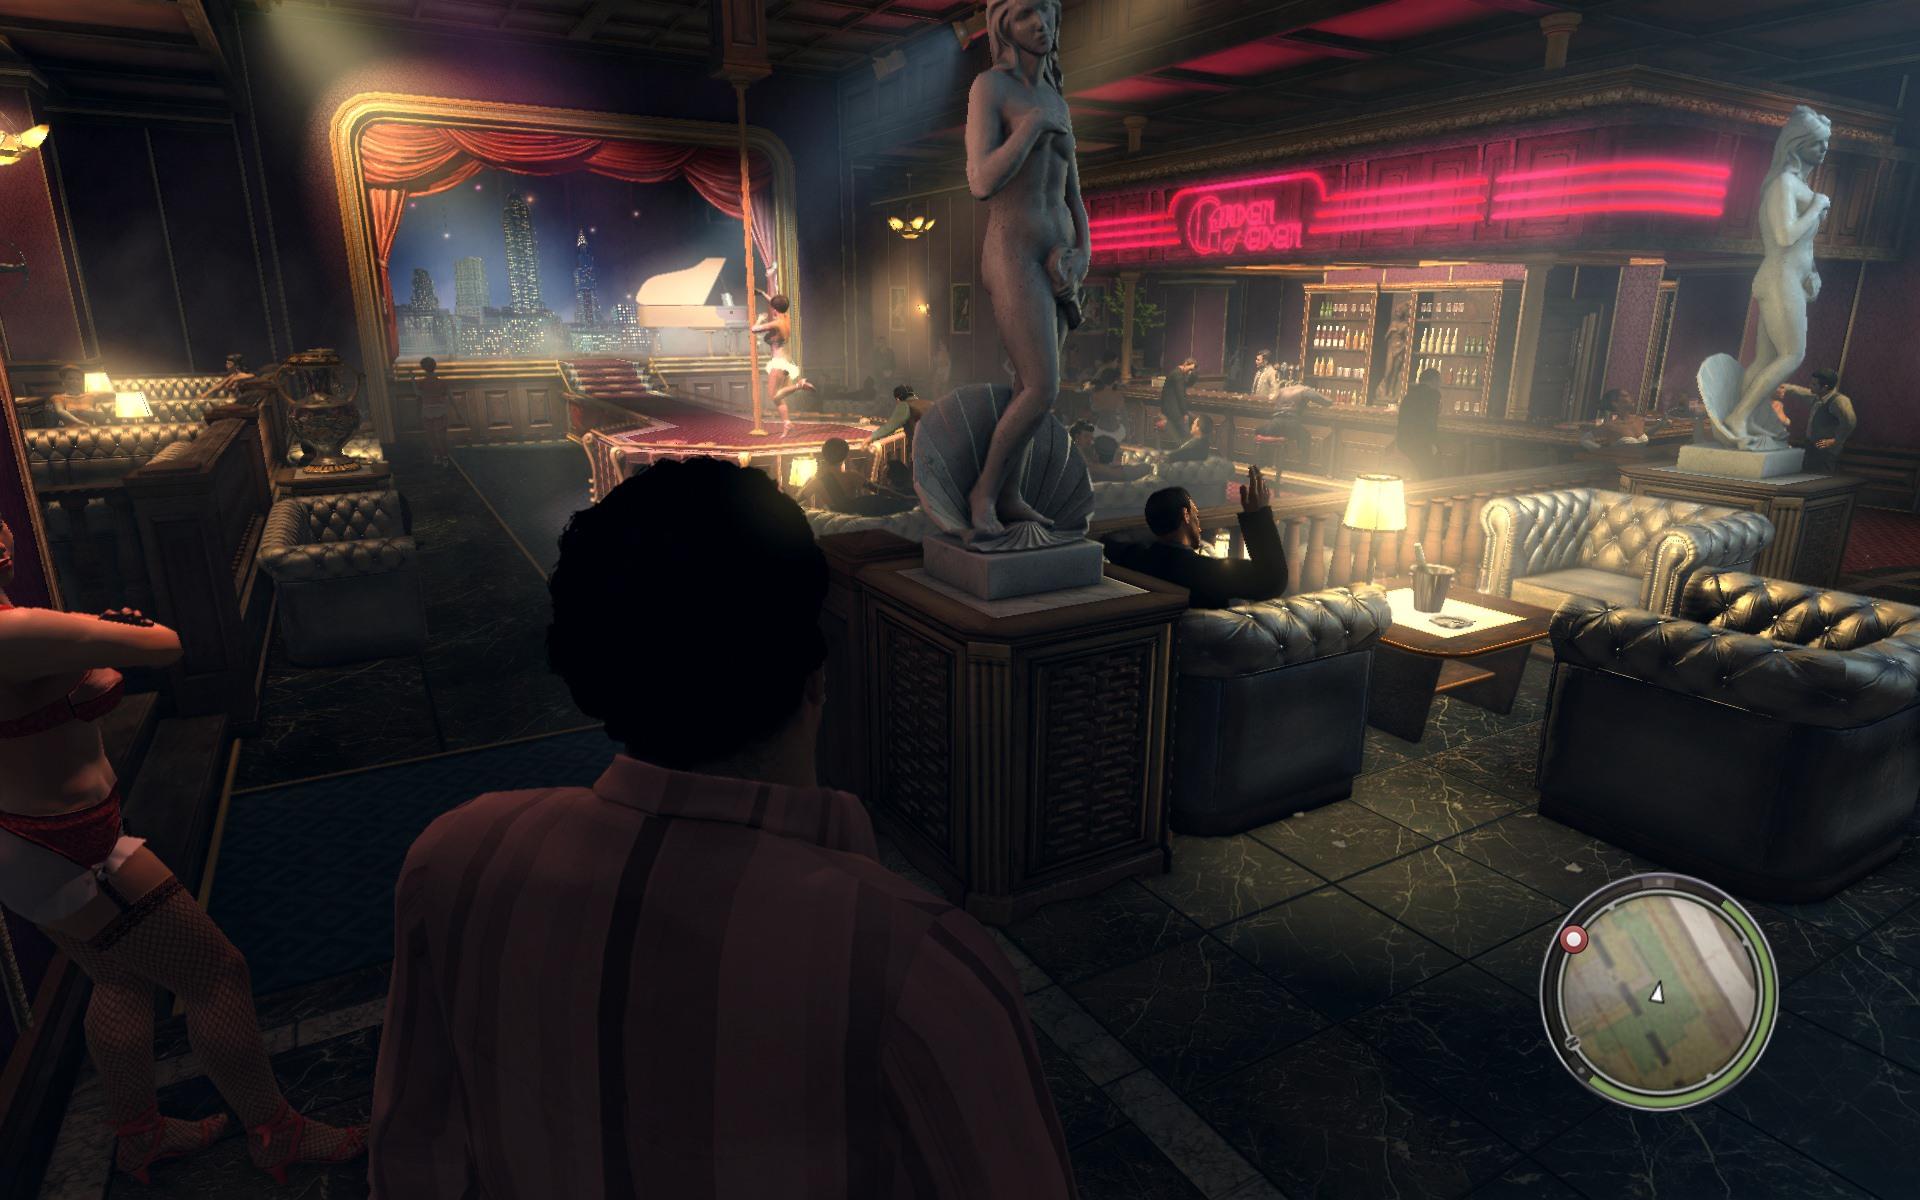 ( ゚∀゚)o彡°おーーーっぱい!おっぱい!おっぱい! 秘密クラブのようですが至る所におっぱい剥き出しのねーさん方がw しかもそこかしこでおっぱいねーさん抱えた紳士